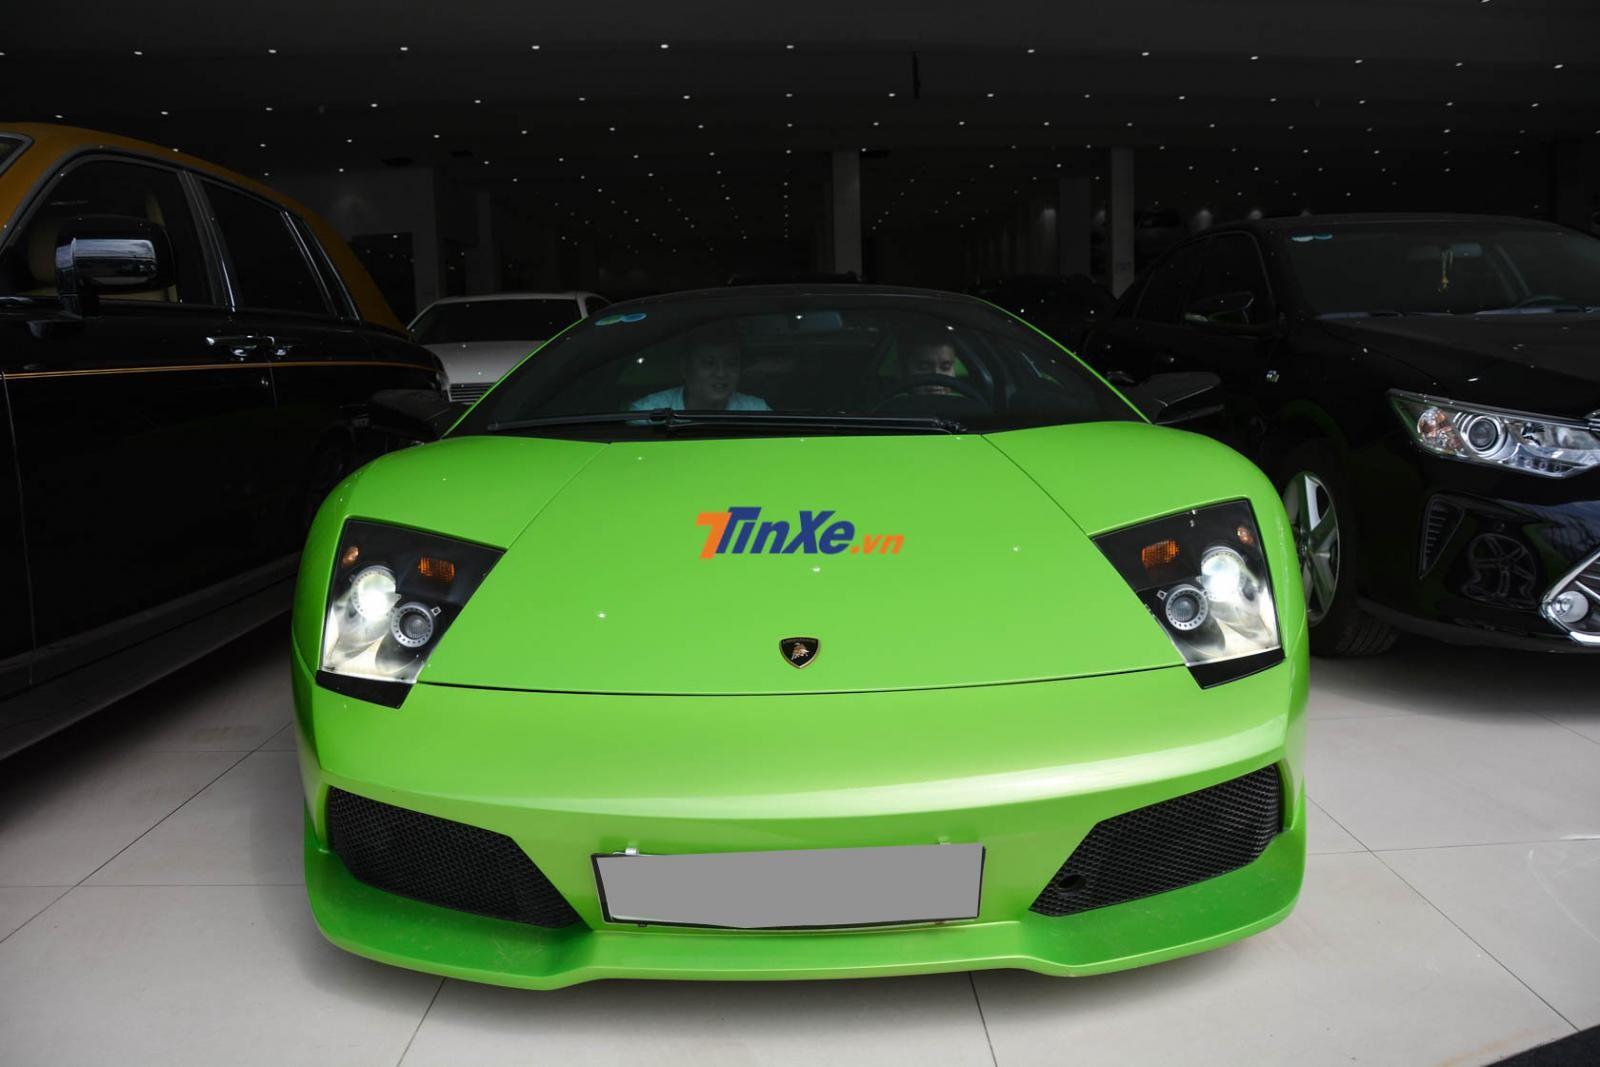 Lamborghini Murcielago LP640 Verde Ithaca độc nhất vô nhị tại Việt Nam